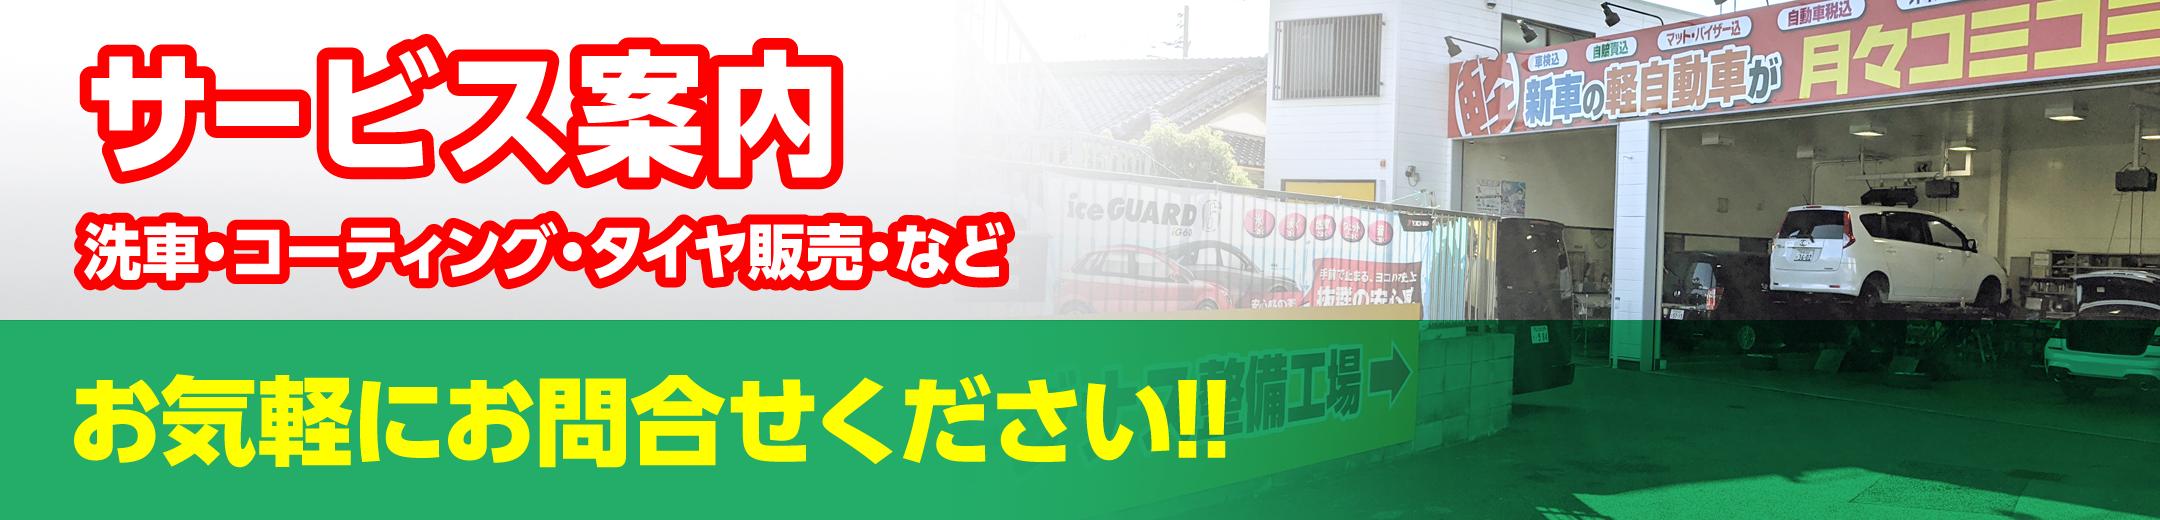 ウルトラ車検岸和田貝塚のサービス案内